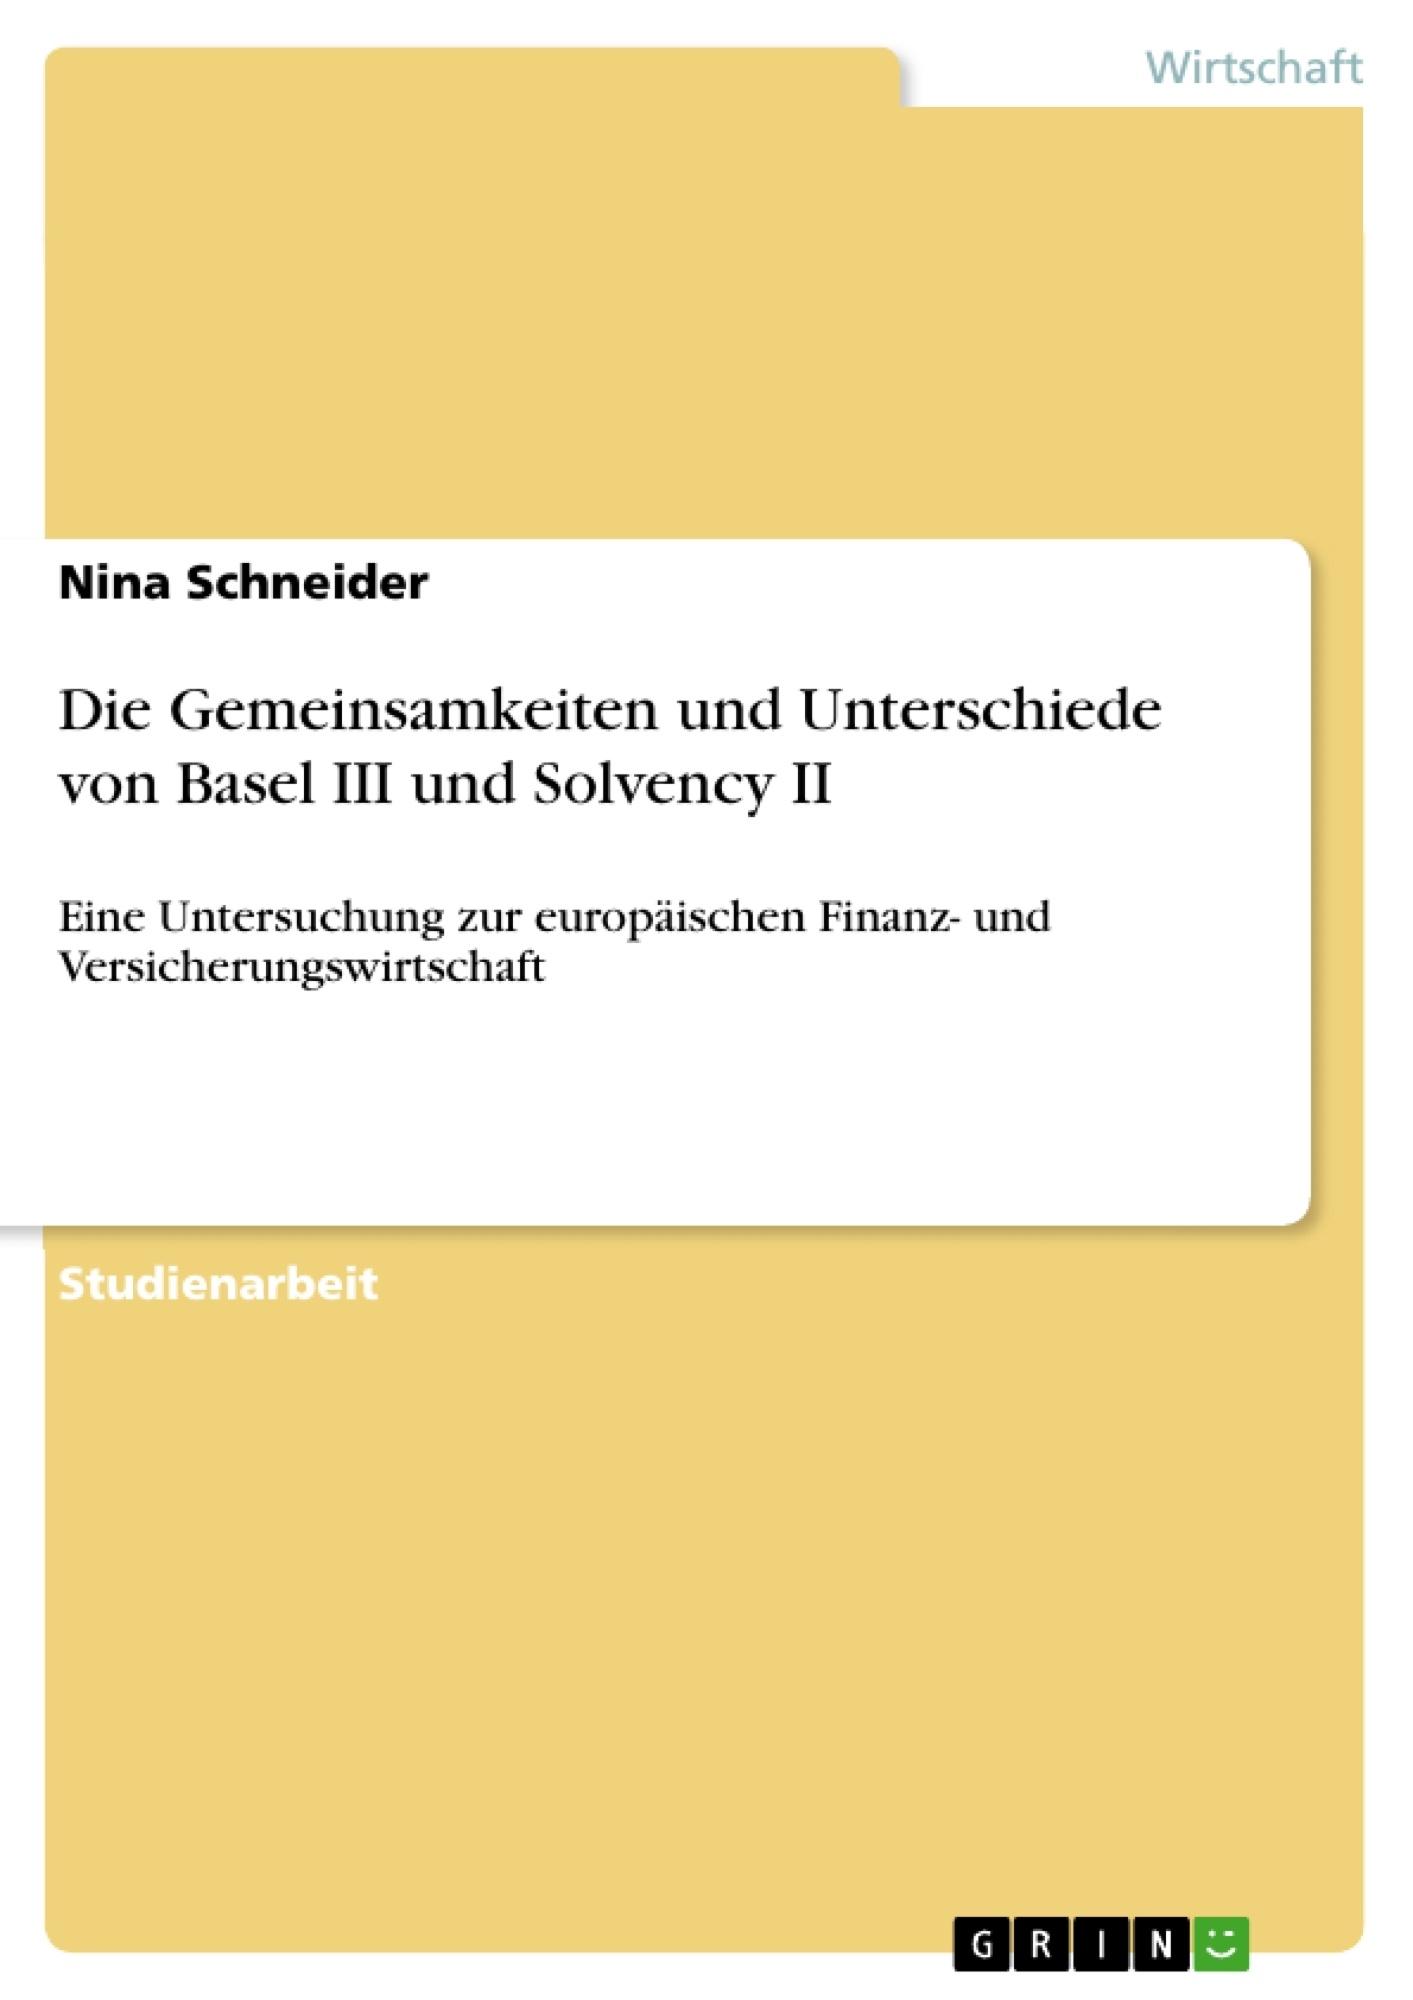 Titel: Die Gemeinsamkeiten und Unterschiede von Basel III und Solvency II